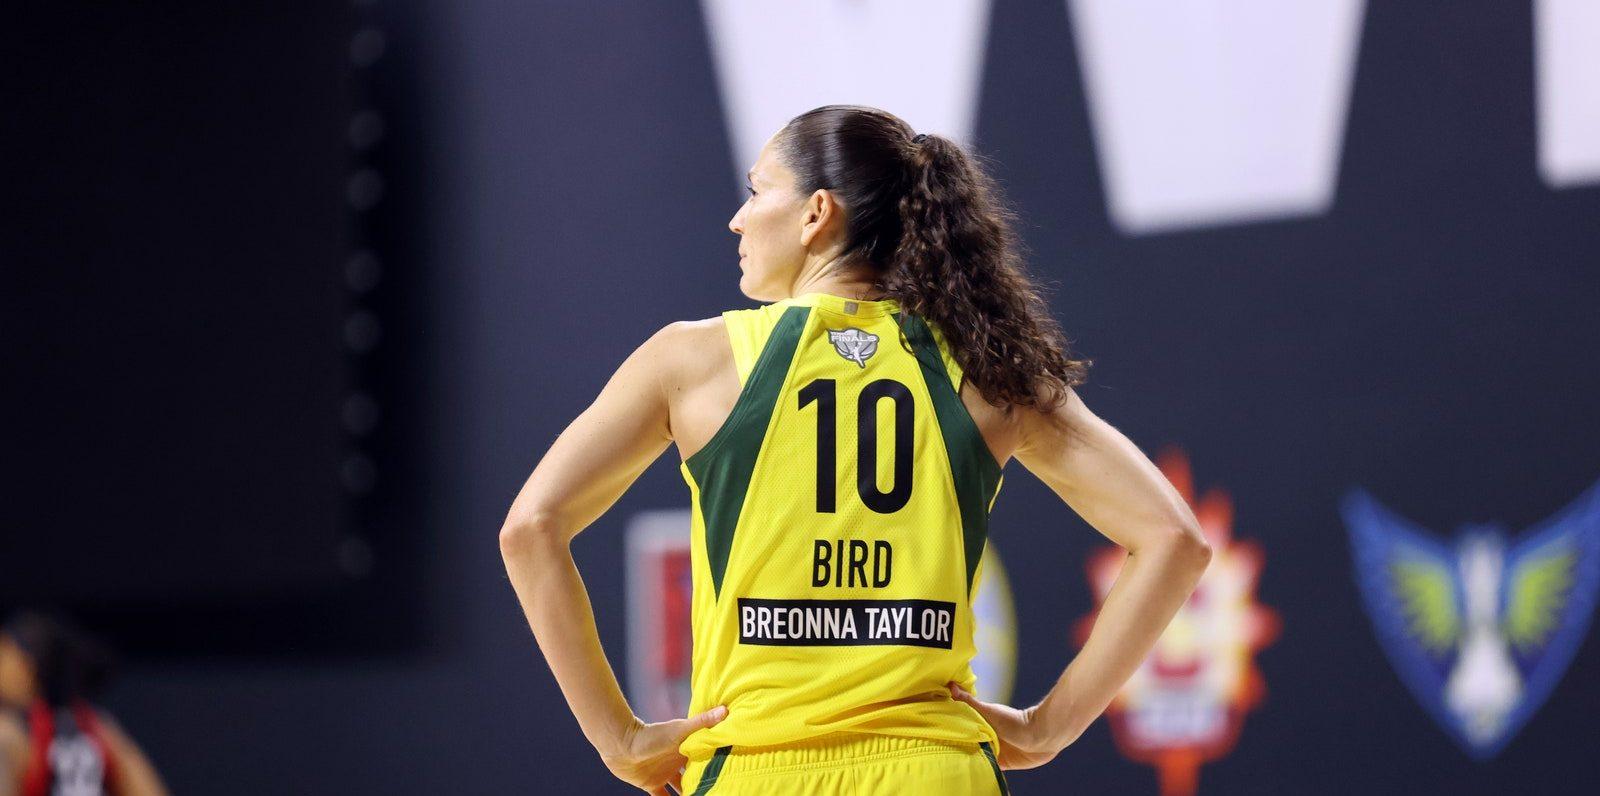 Sue Bird llega a la temporada sin molestias en su rodilla